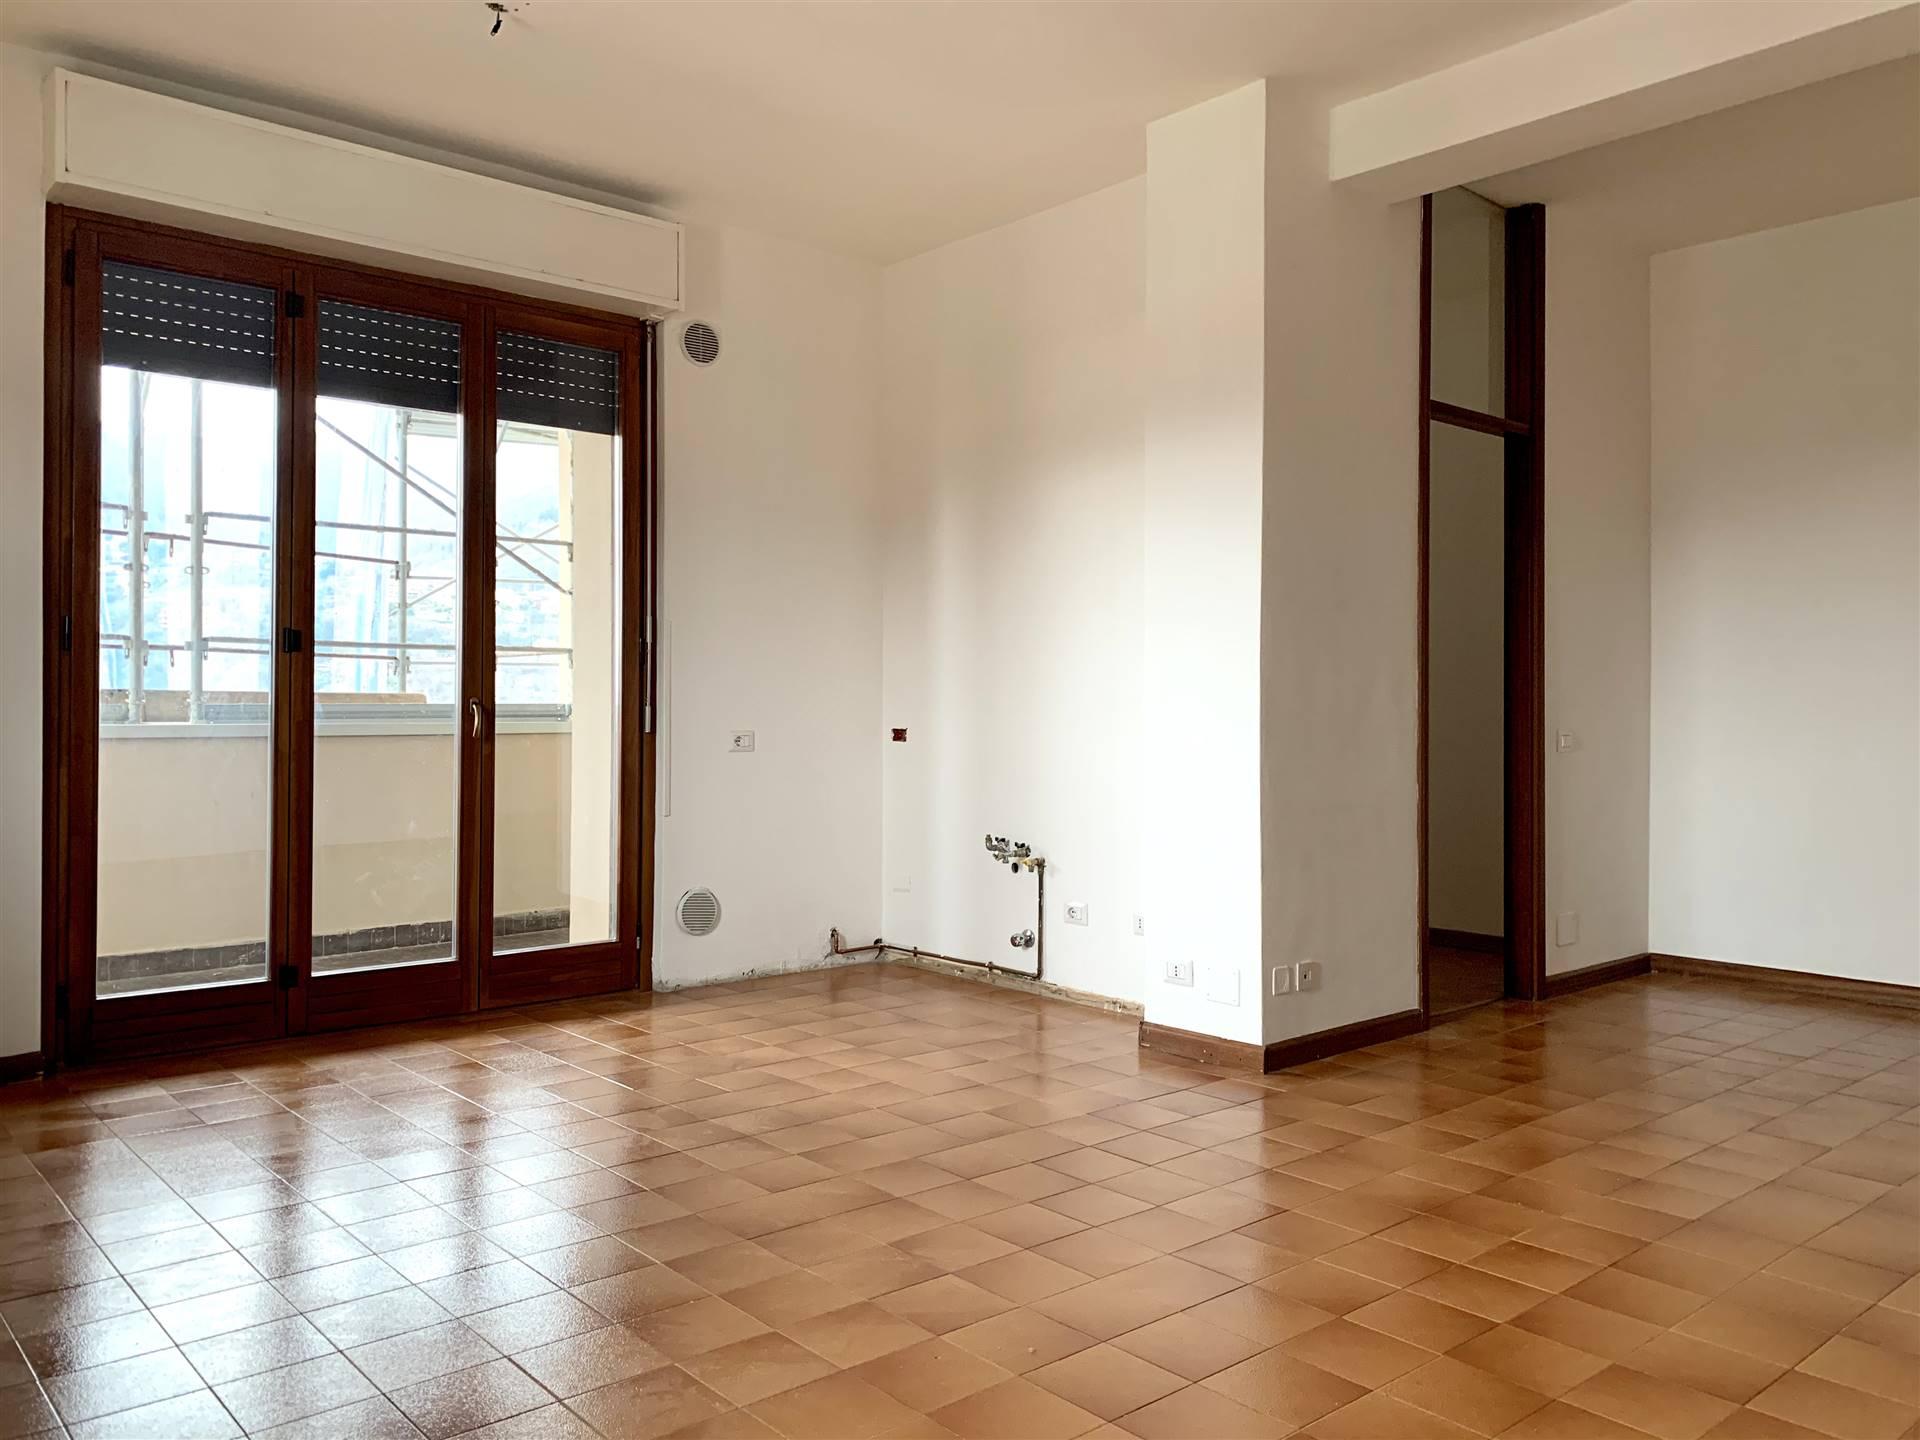 Appartamento in vendita a Lipomo, 3 locali, prezzo € 95.000 | PortaleAgenzieImmobiliari.it